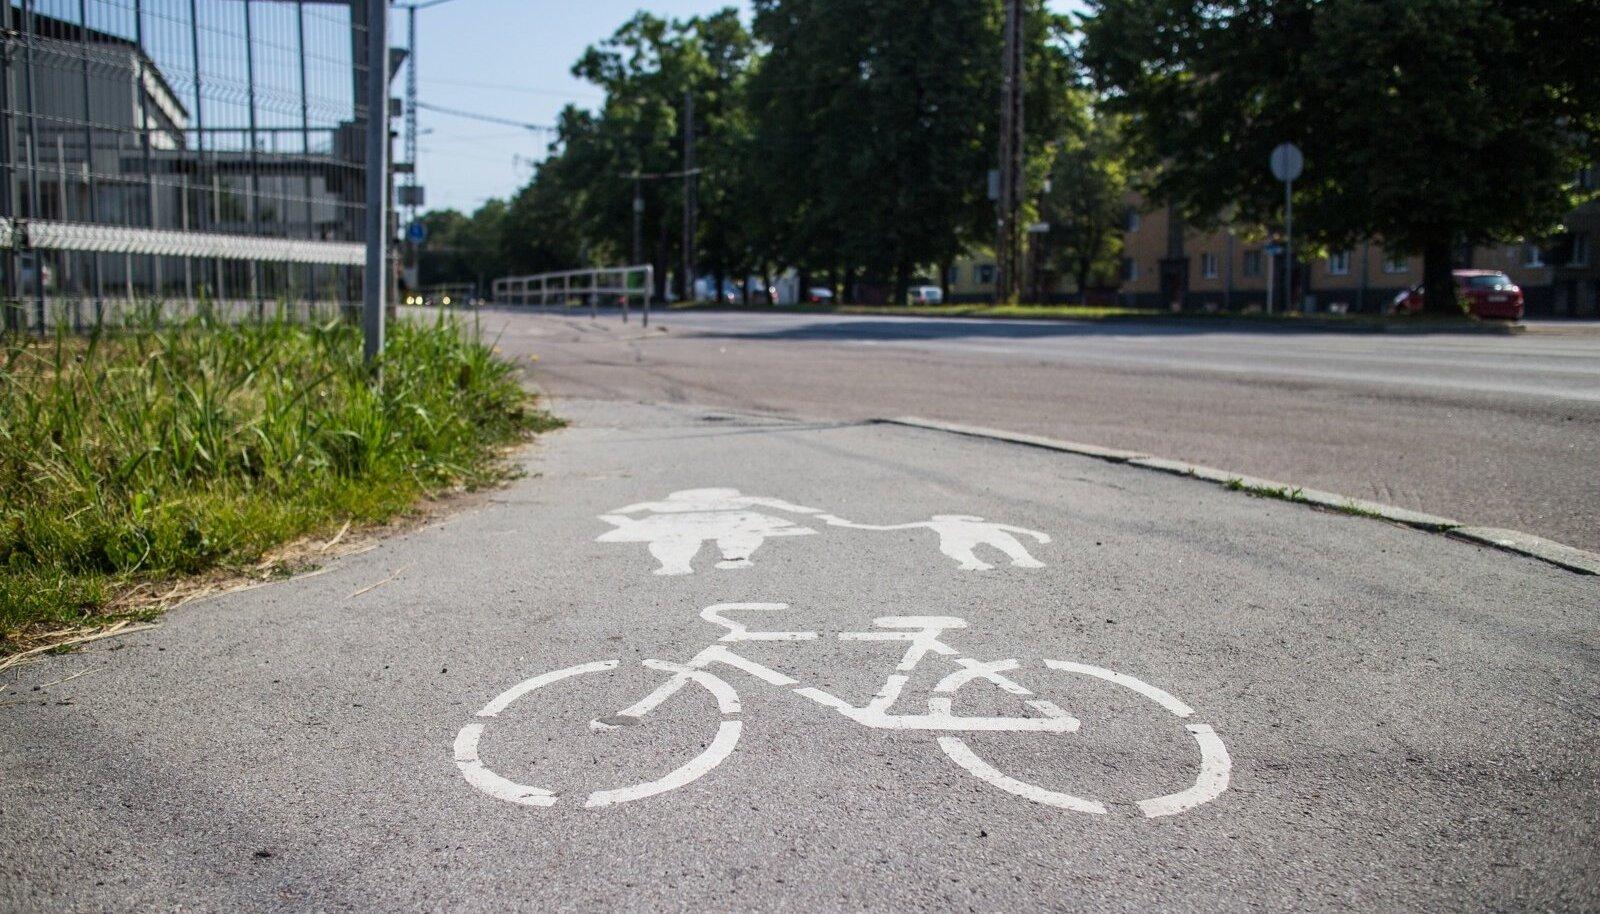 Paldiski maanteel, trollipargi juures kahaneb rattatee väga kitsaks. Sinna kaks ratast kõrvuti ära ei mahuks.